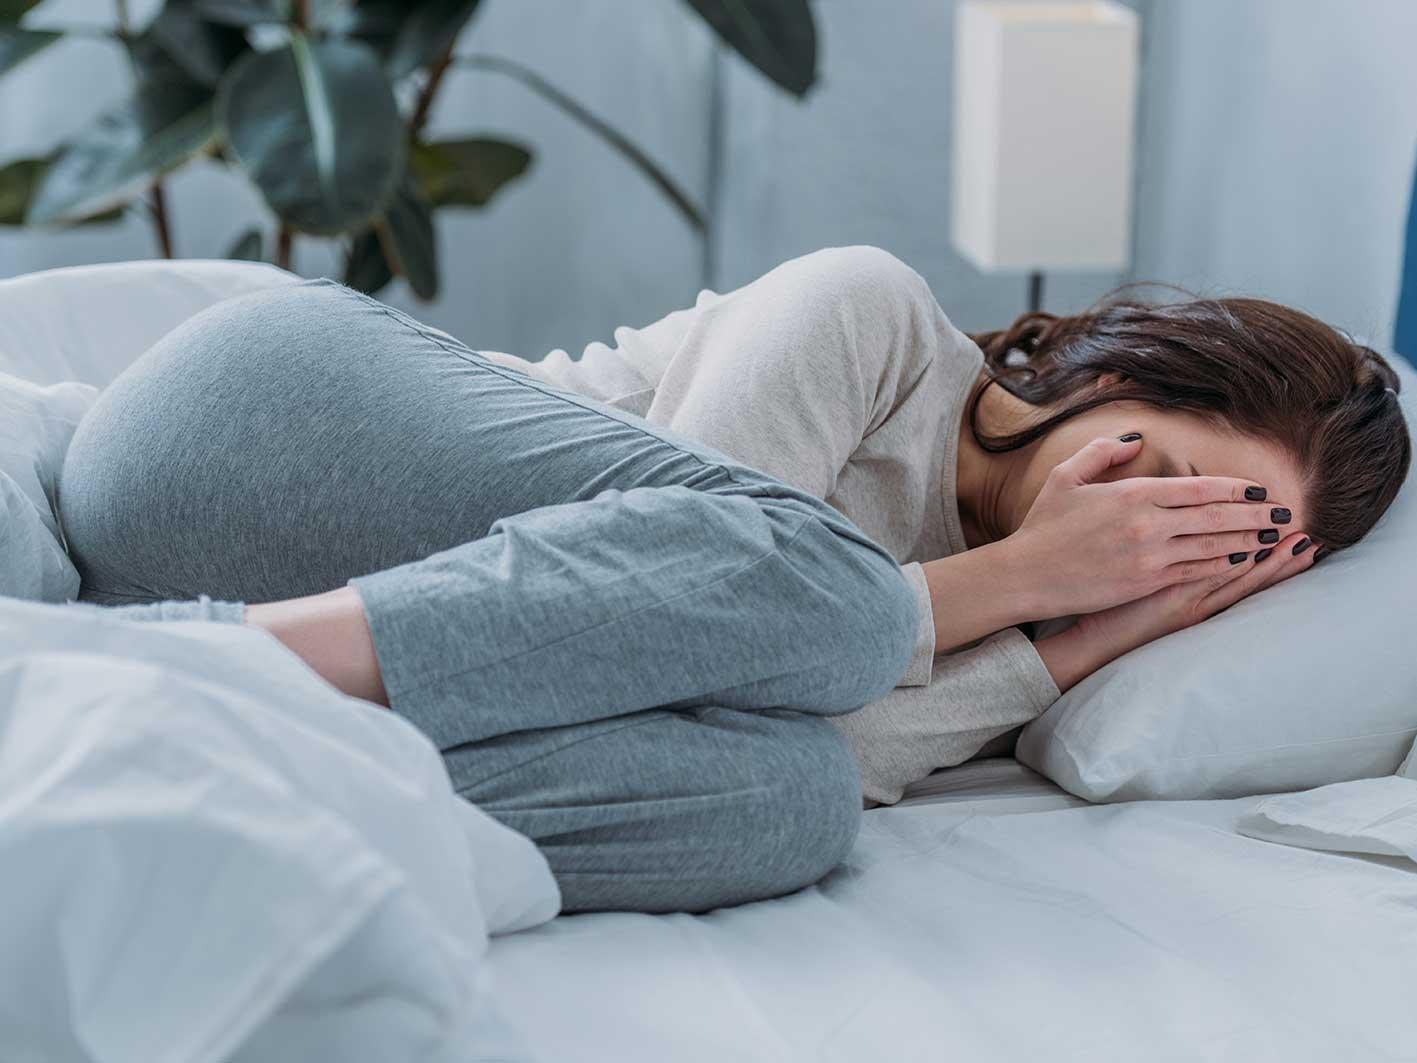 אימון ליציאה מדיכאון לאחר לידה | שולי זלצמן ביטון